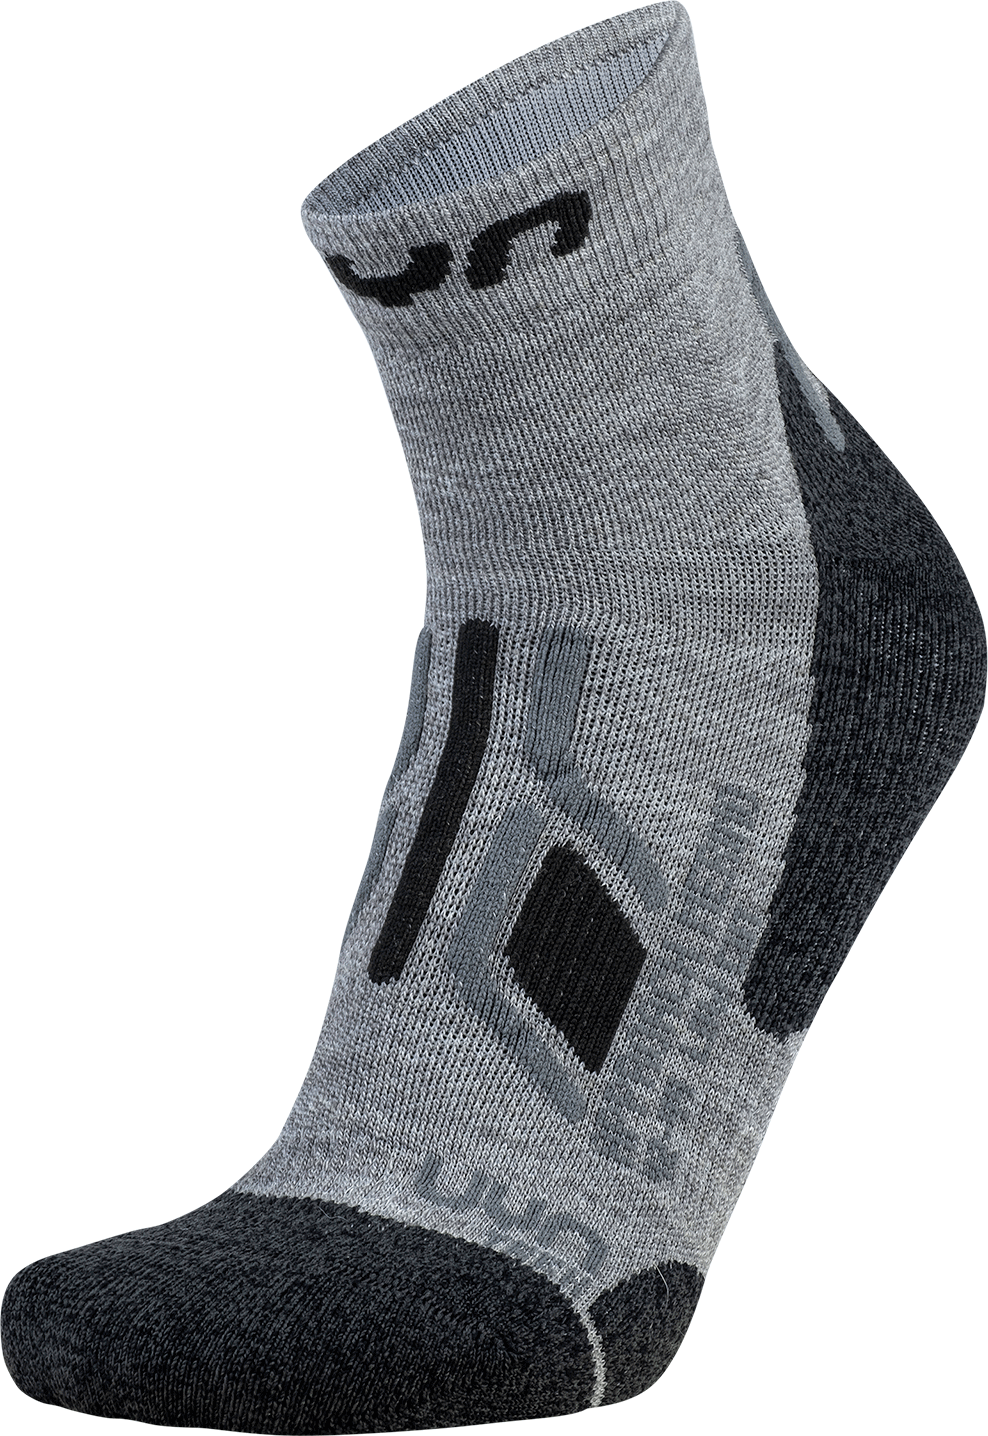 UYN ponožky T LADY TREKKING APPROACH MERINO LOW CUT SOCKS mid grey Velikost: 35-36